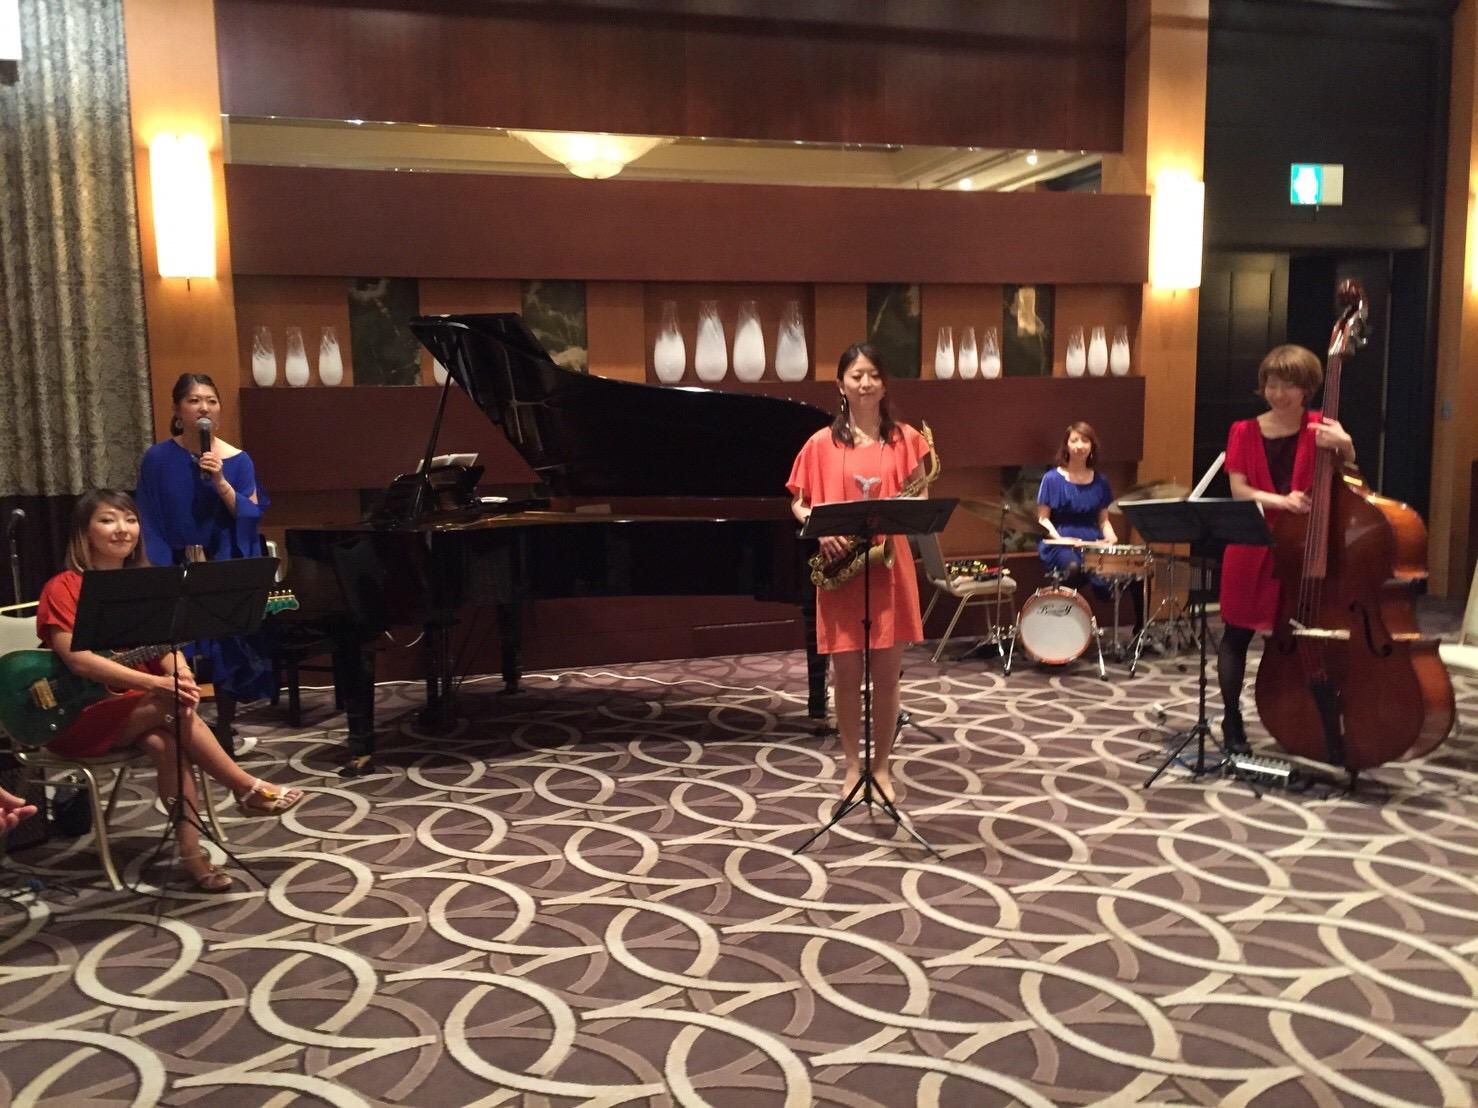 サックス、ギター、ピアノ、ベース、ドラムの女性ユニットでジャズ生演奏でした